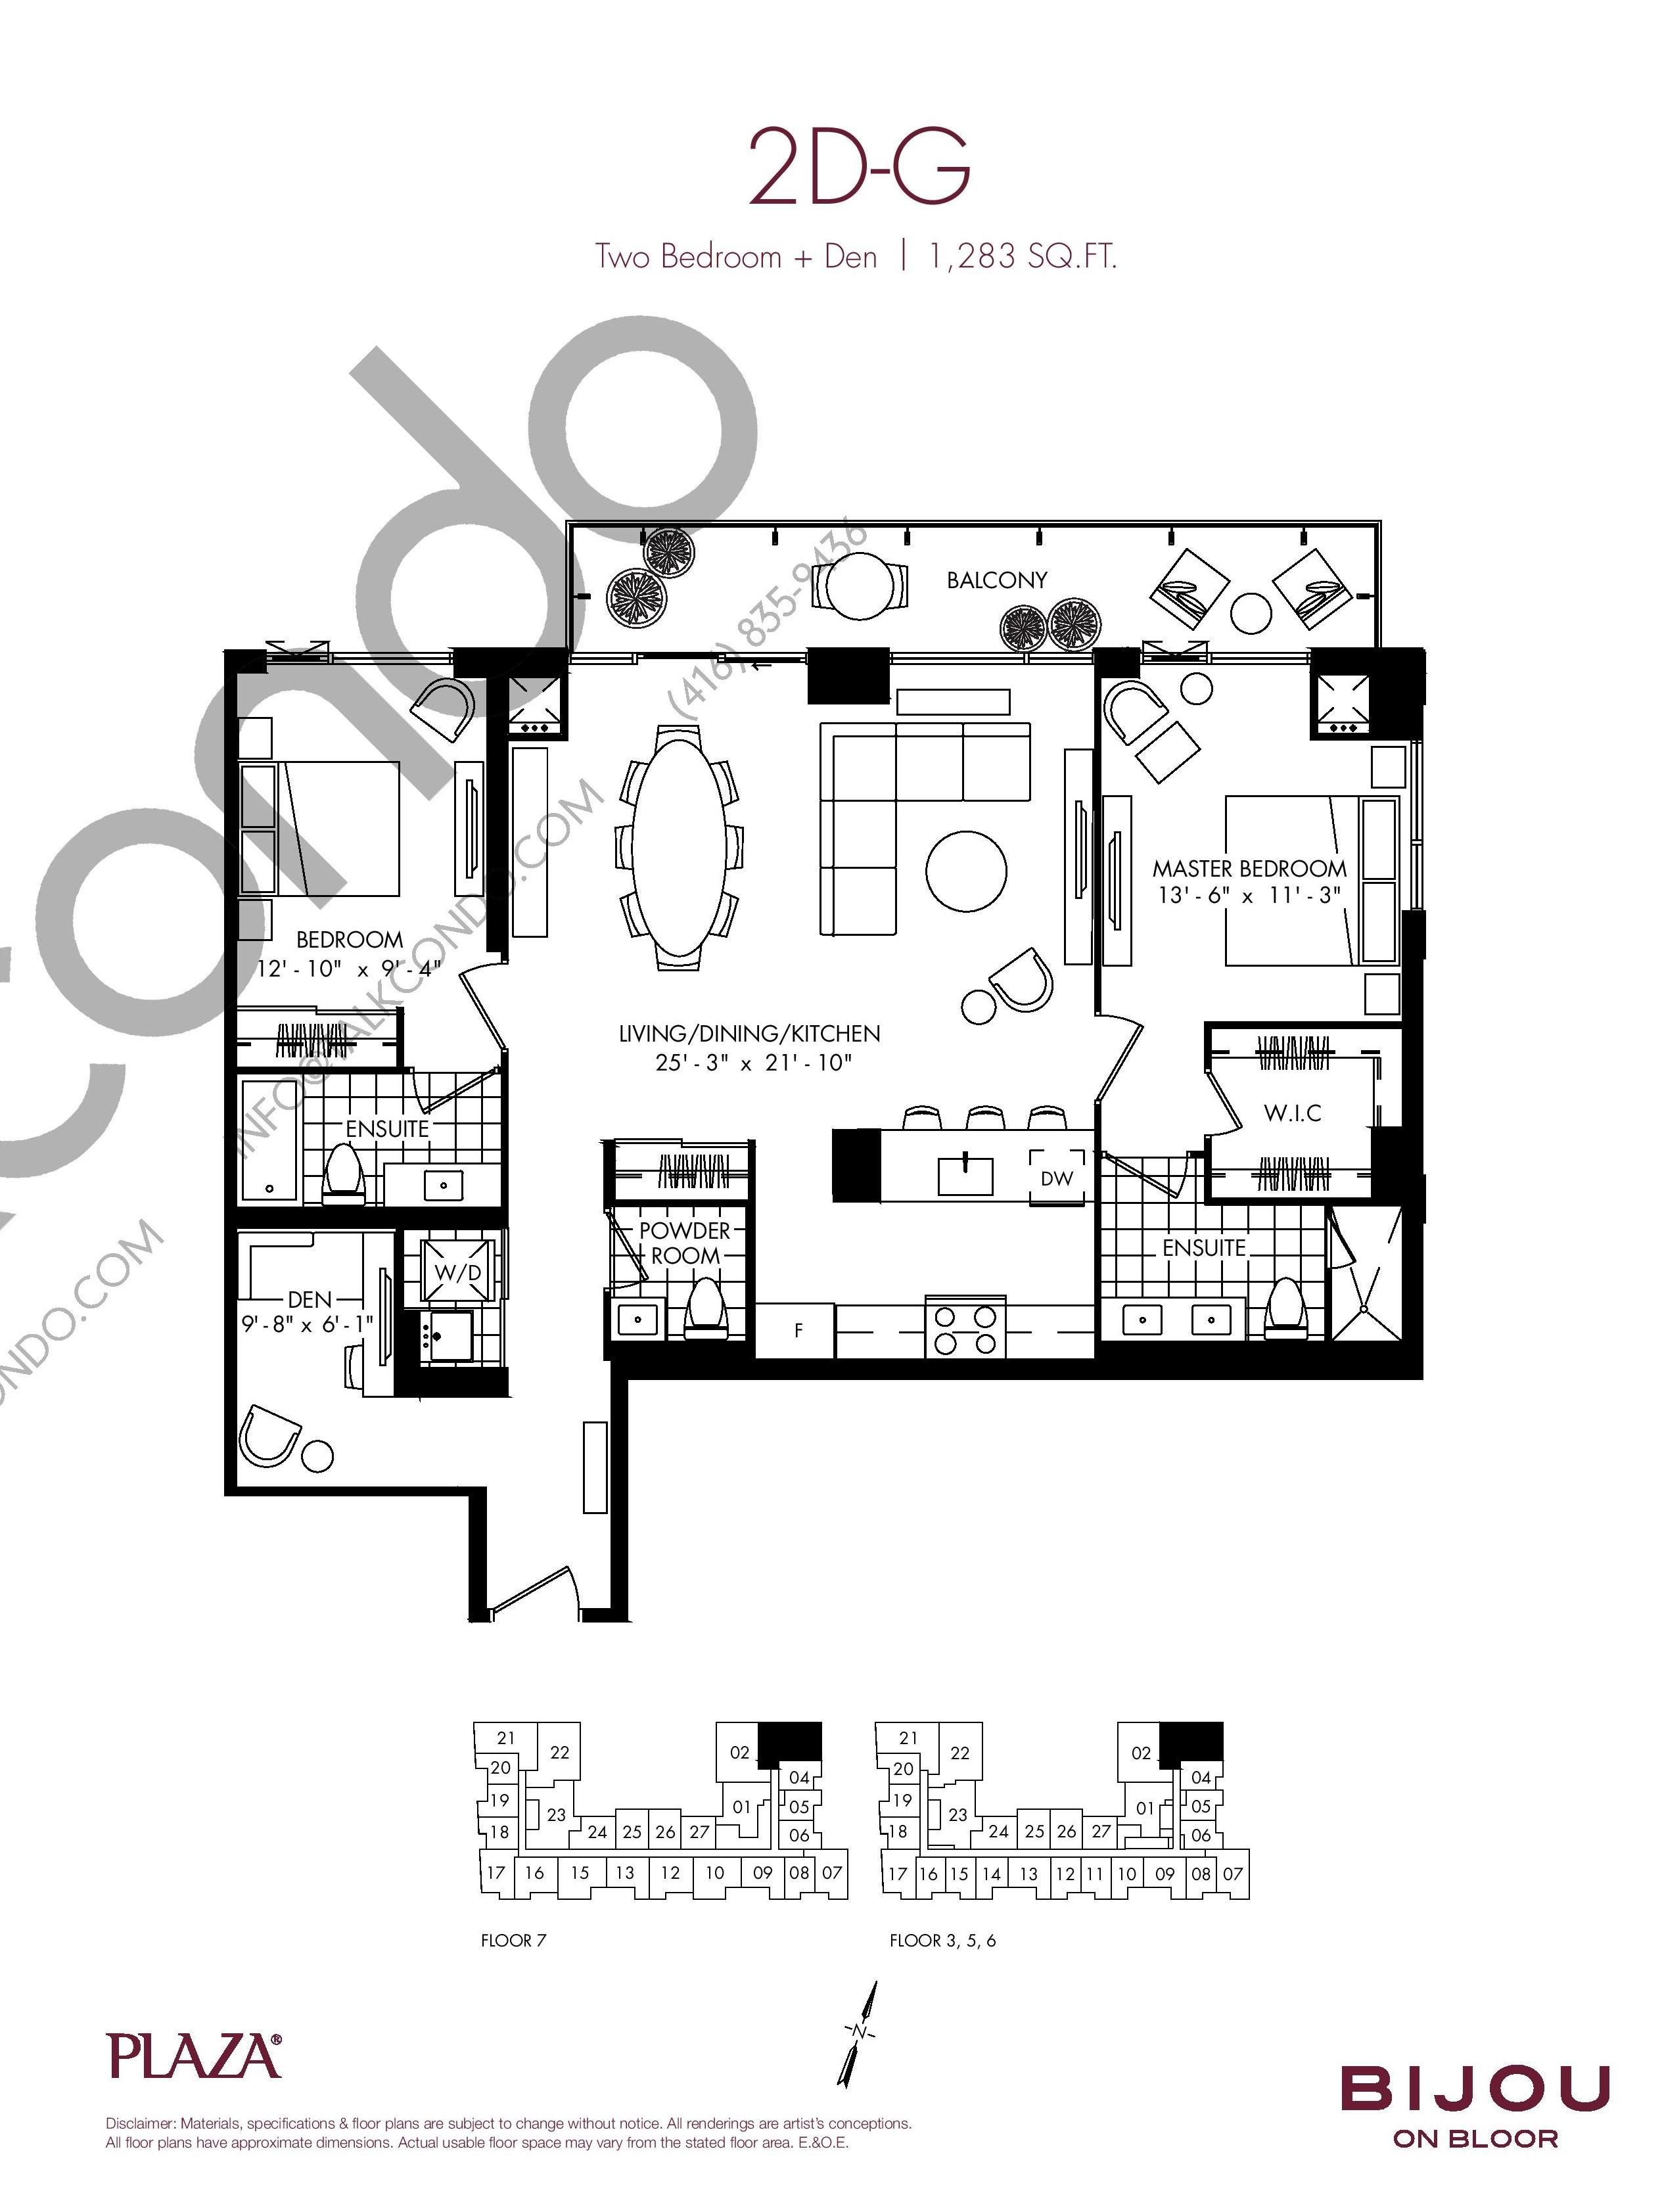 Suite 2D-G Floor Plan at Bijou On Bloor Condos - 1283 sq.ft